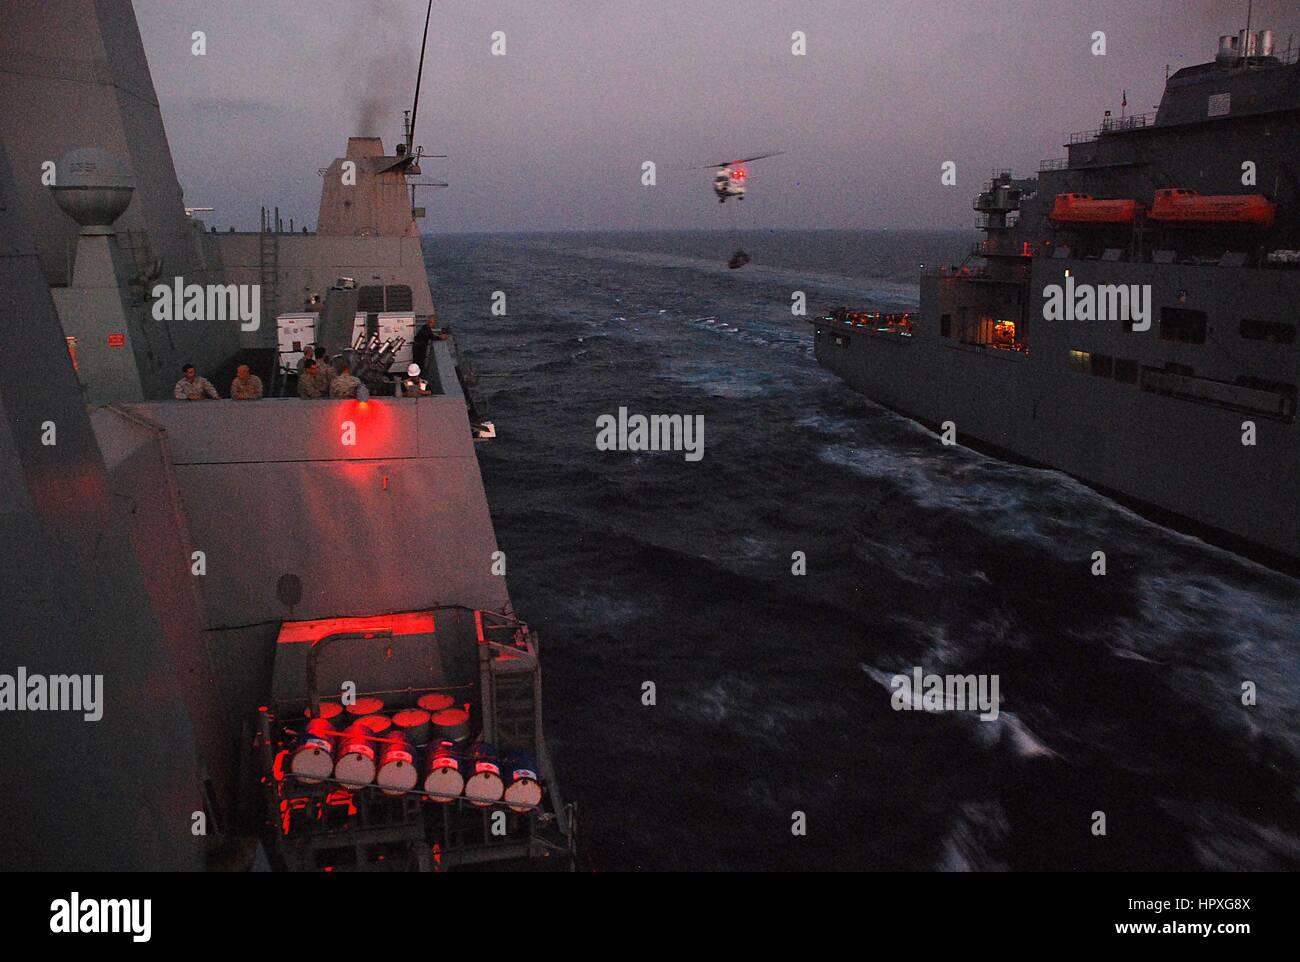 Dock buque anfibio de transporte USS Green Bay (LPD 20) y el comando de Transporte Marítimo Militar de clase de Lewis y de Clark y municiones de carga seca buque USNS Washington Chambers (T-AKE 11) durante una reposición en alta mar, 2012. Foto de stock